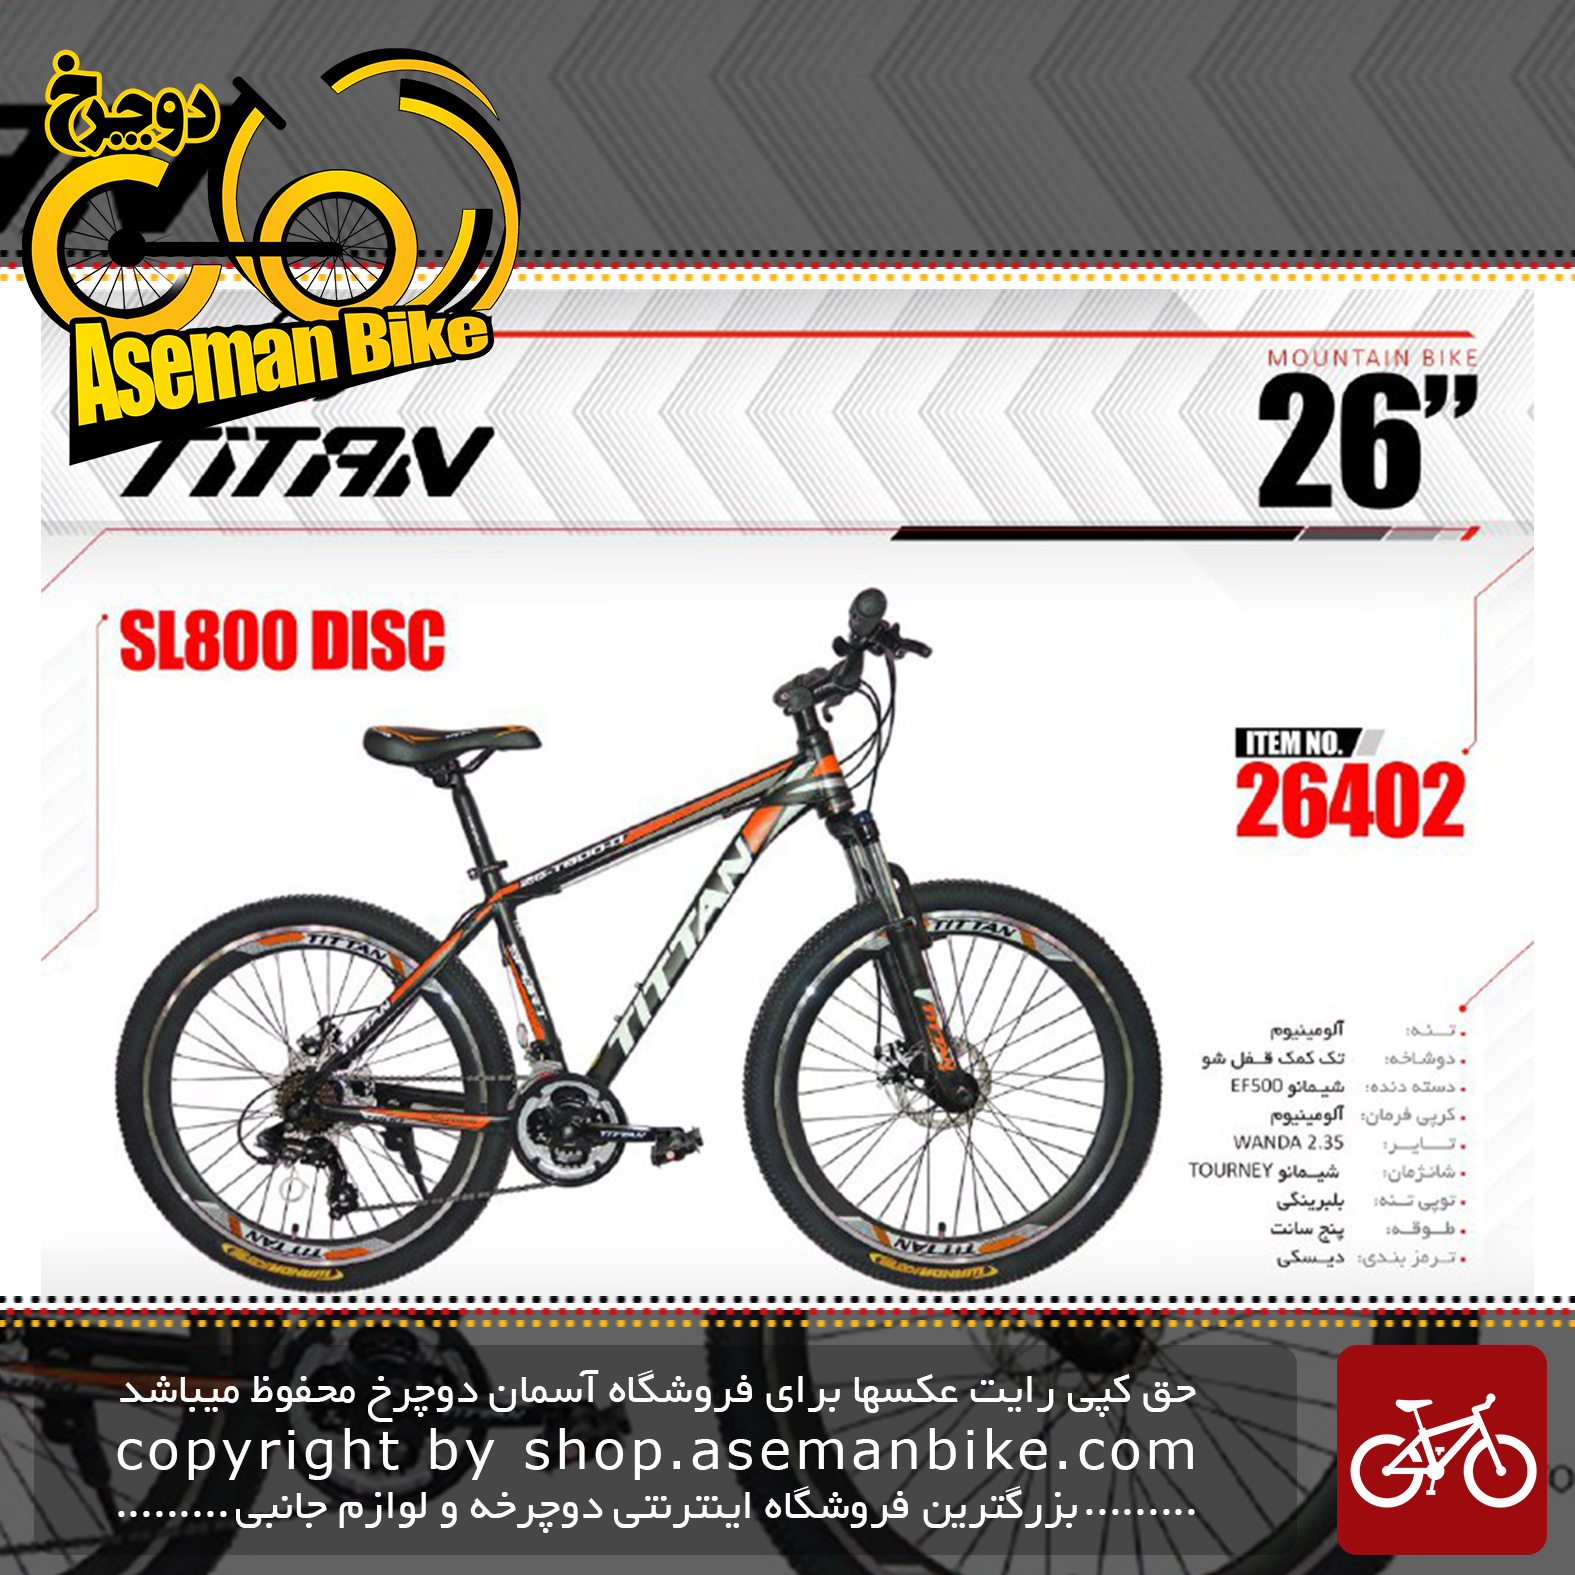 دوچرخه کوهستان تایتان سایز 26 مدل اس ال 800دیسک TITAN SIZE 26 SL800 DISC